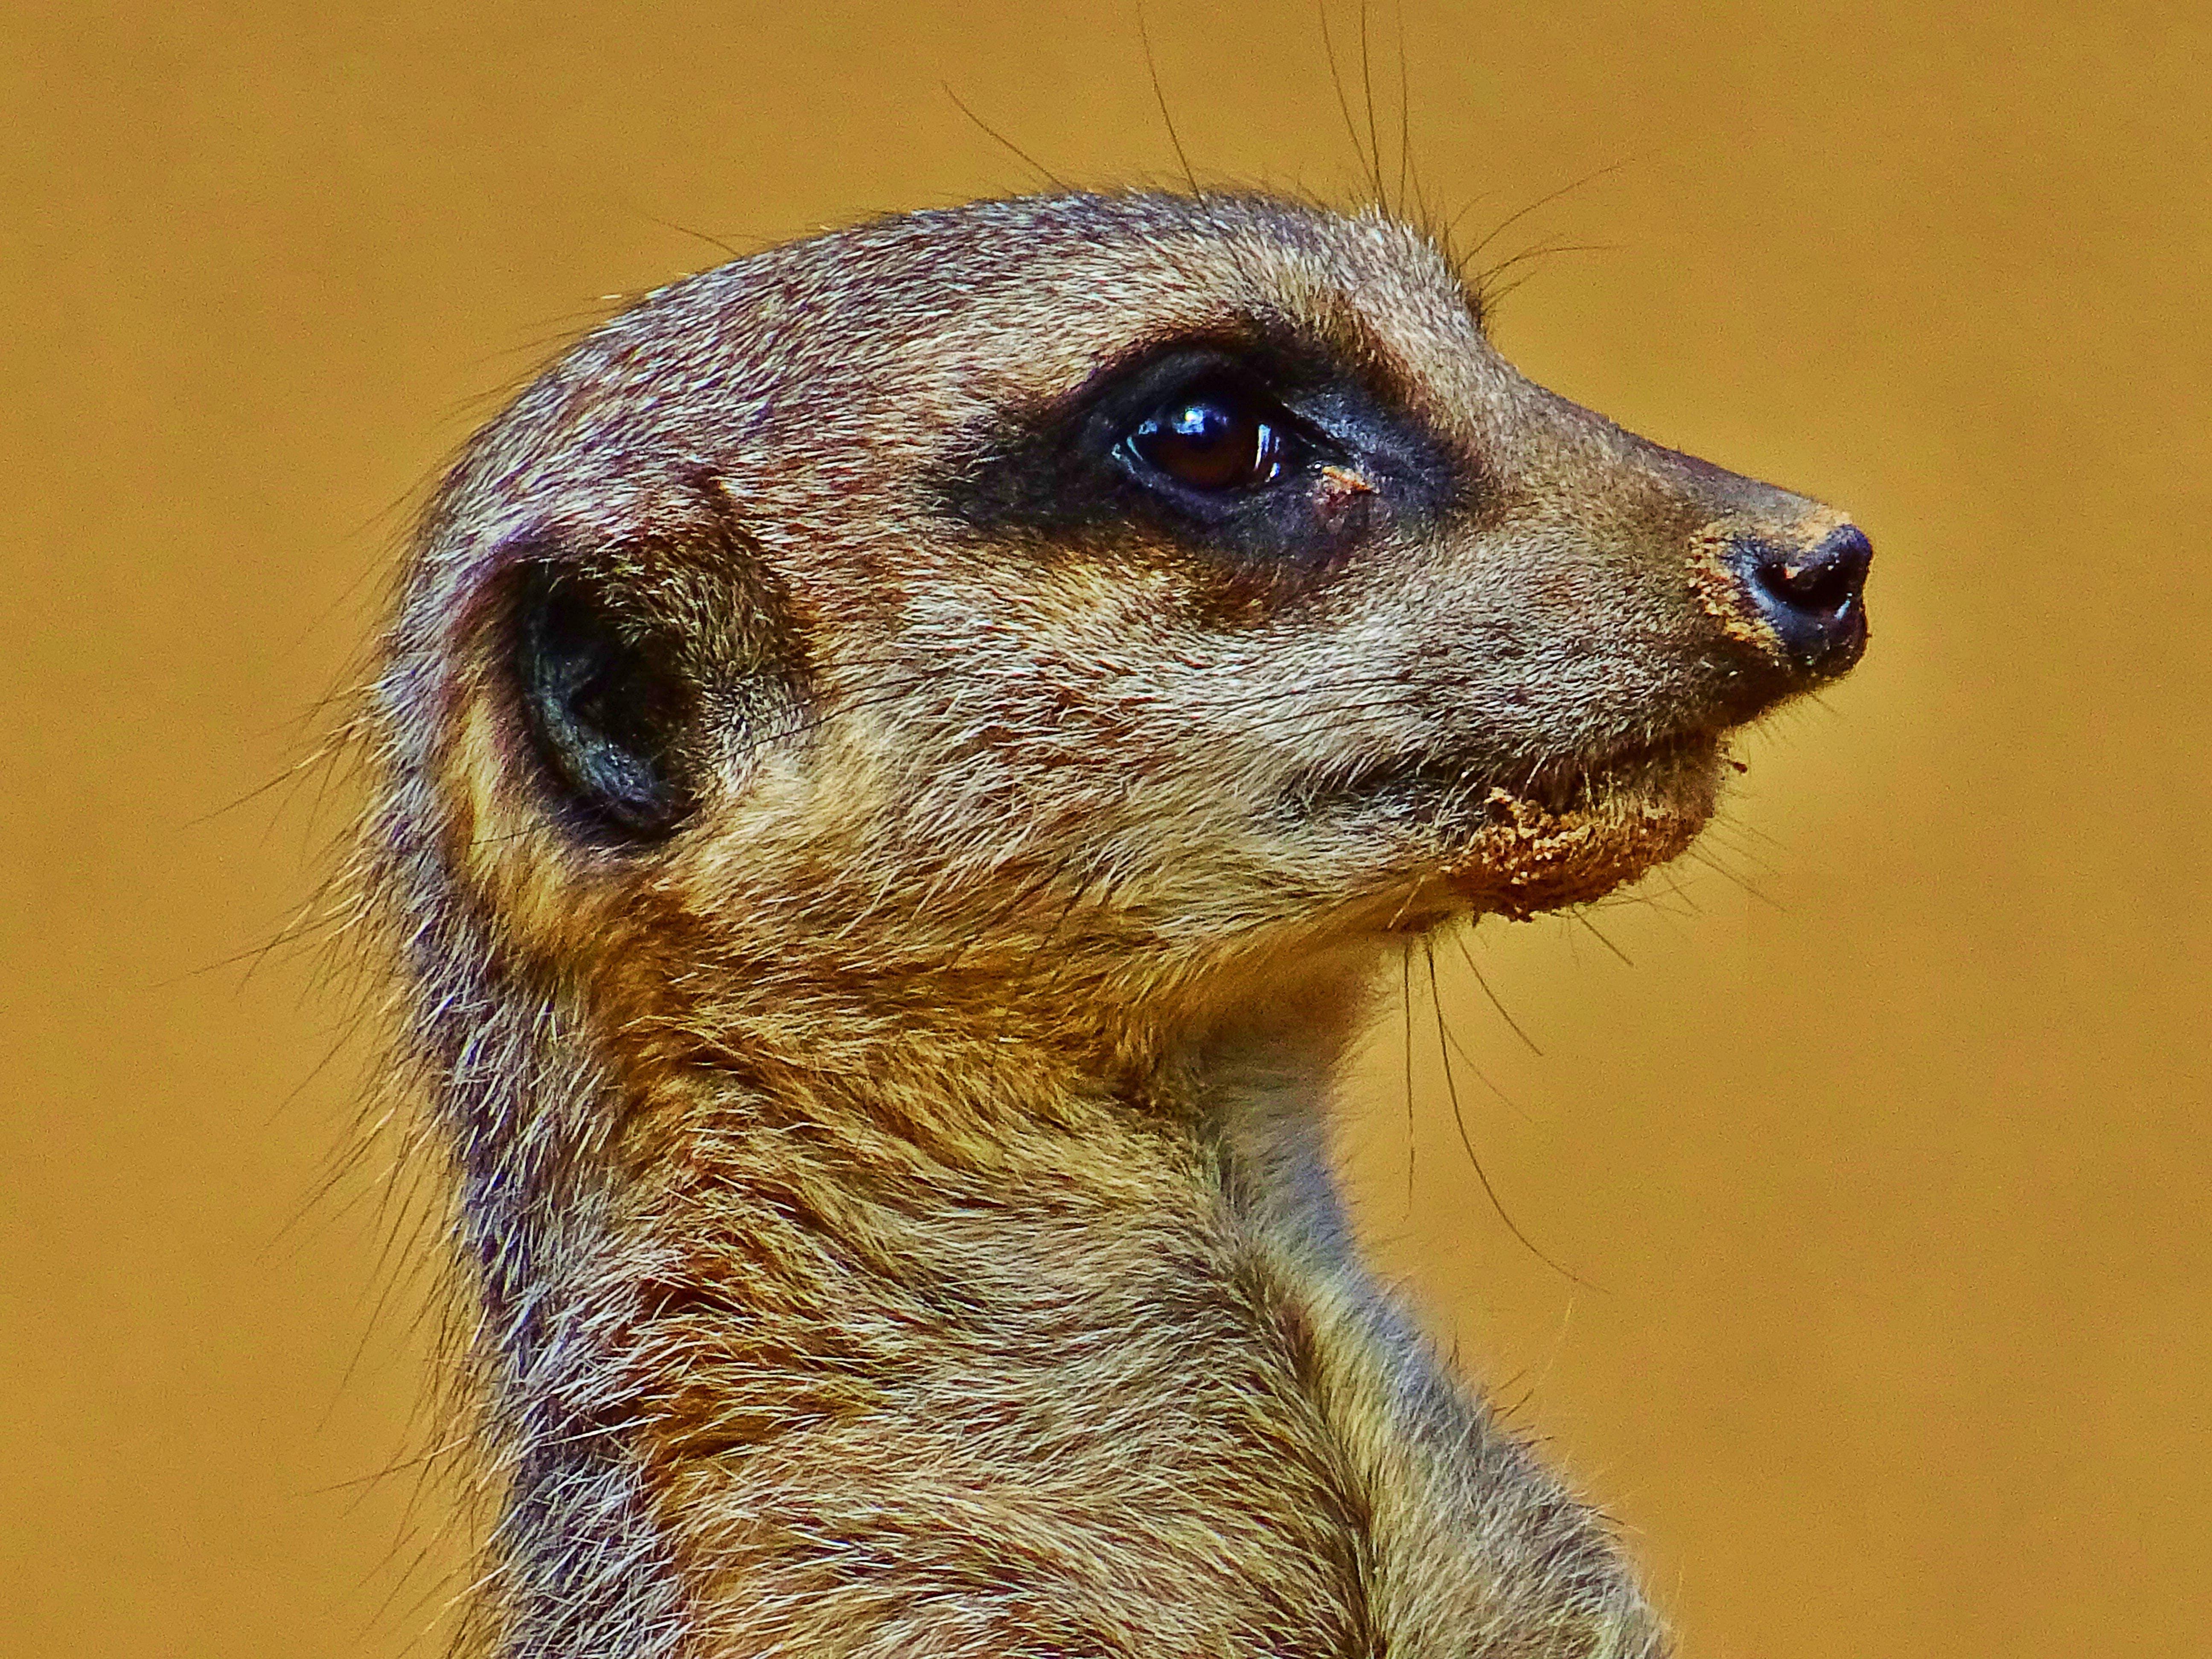 Gratis lagerfoto af close-up, dyr, dyreliv, lille